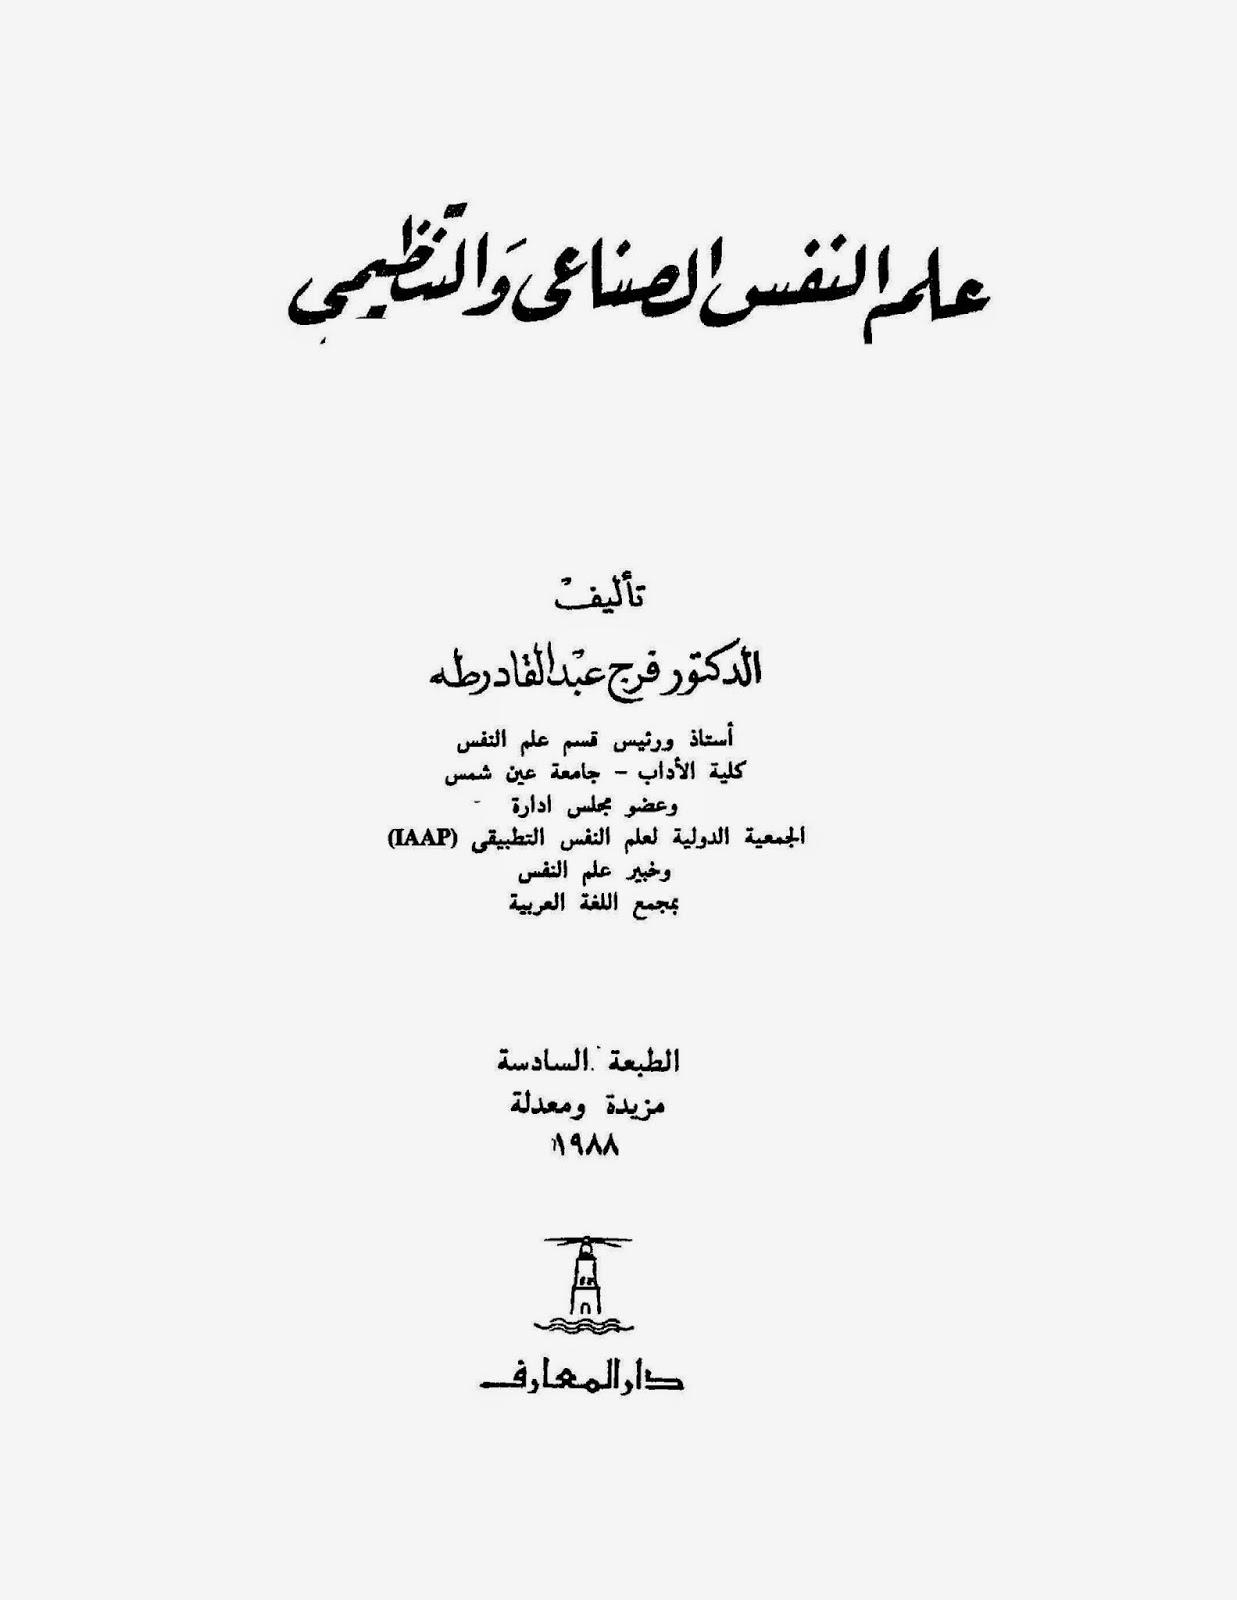 كتاب علم النفس الصناعي لـ فرج عبد القادر طه